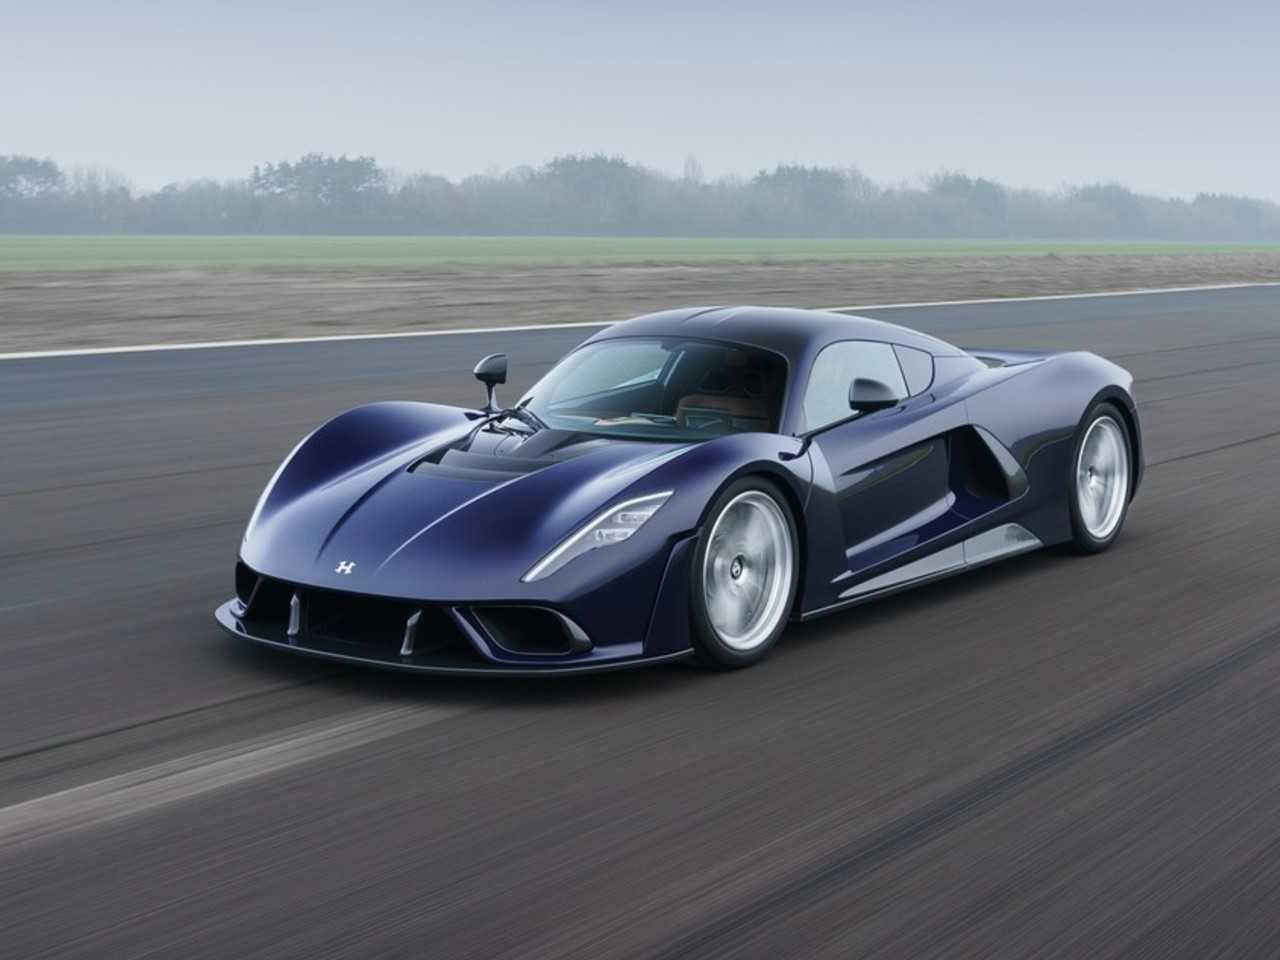 Hennessey revela o Venom F5, que pode chegar a 500 km/h - AUTOO